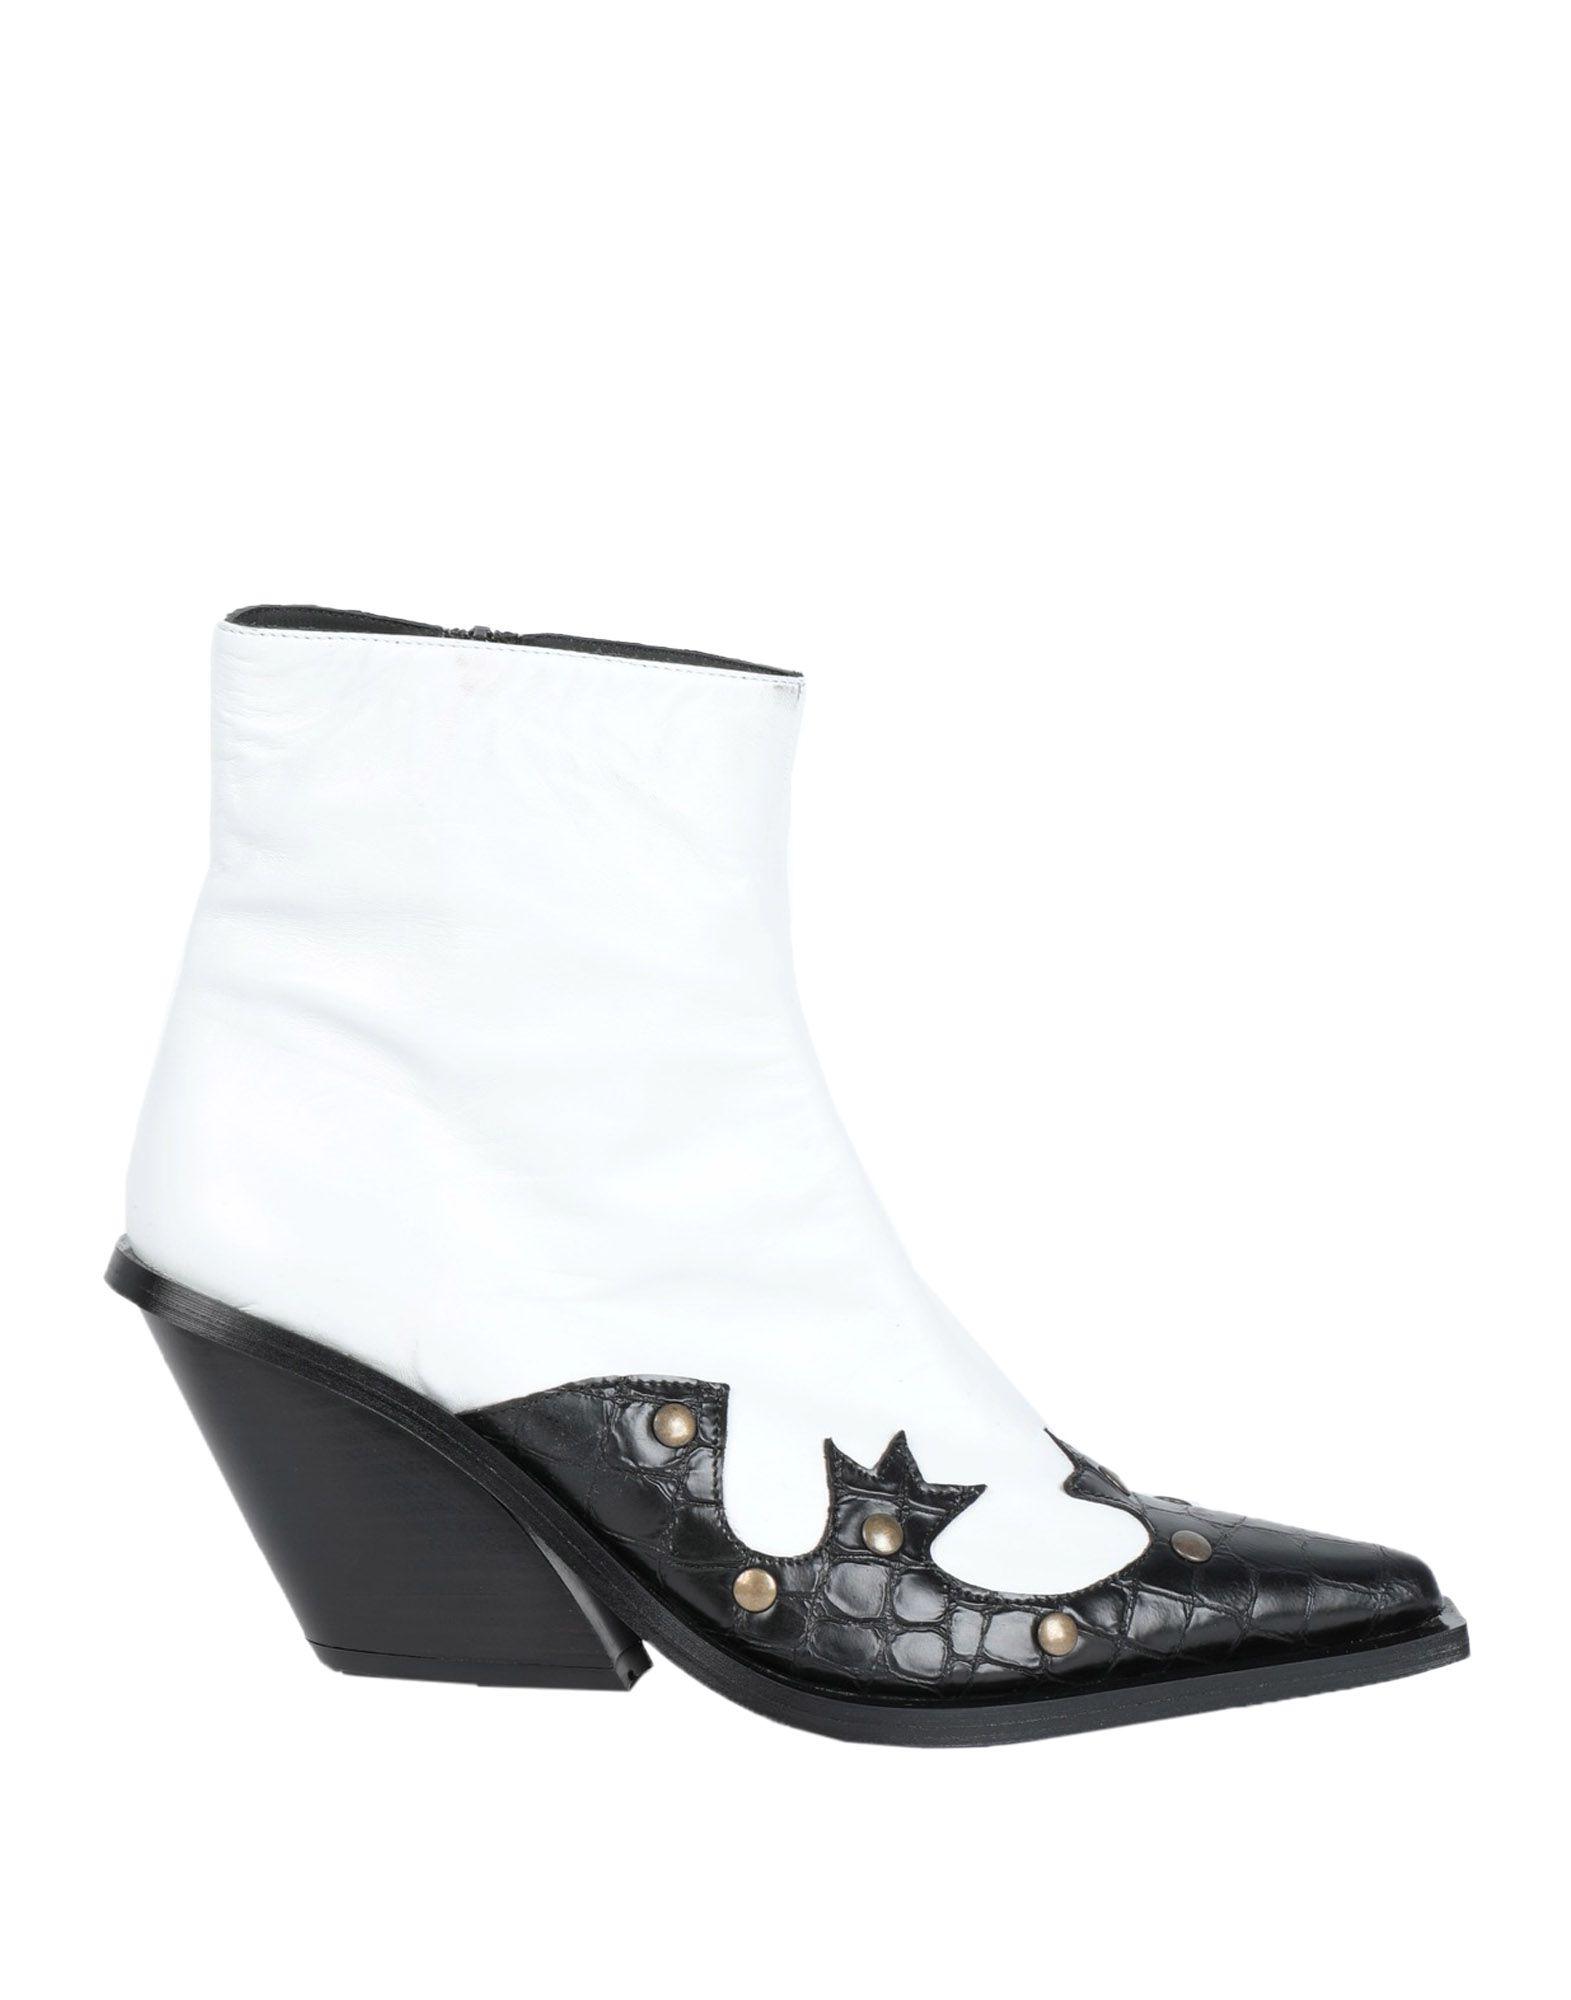 Stivaletti Gia Couture Cabinda - Donna - 11559667TN